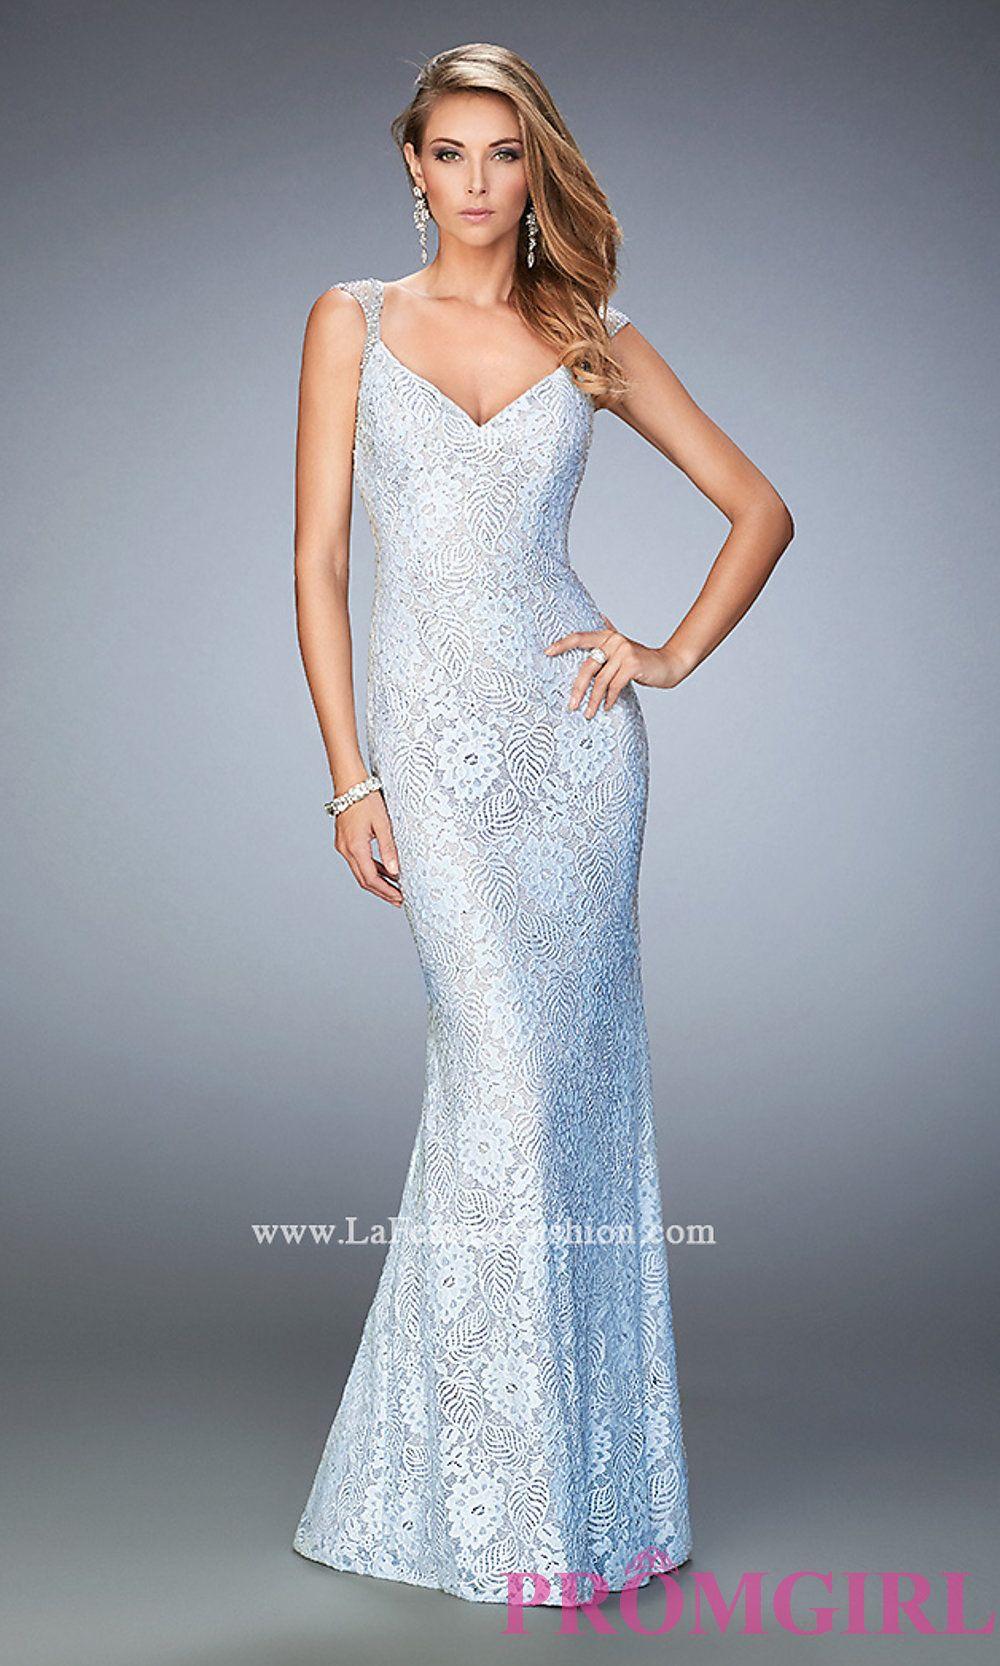 V-Neck Long Lace La Femme Prom Dress Style: LF-22493 | Dresses ...